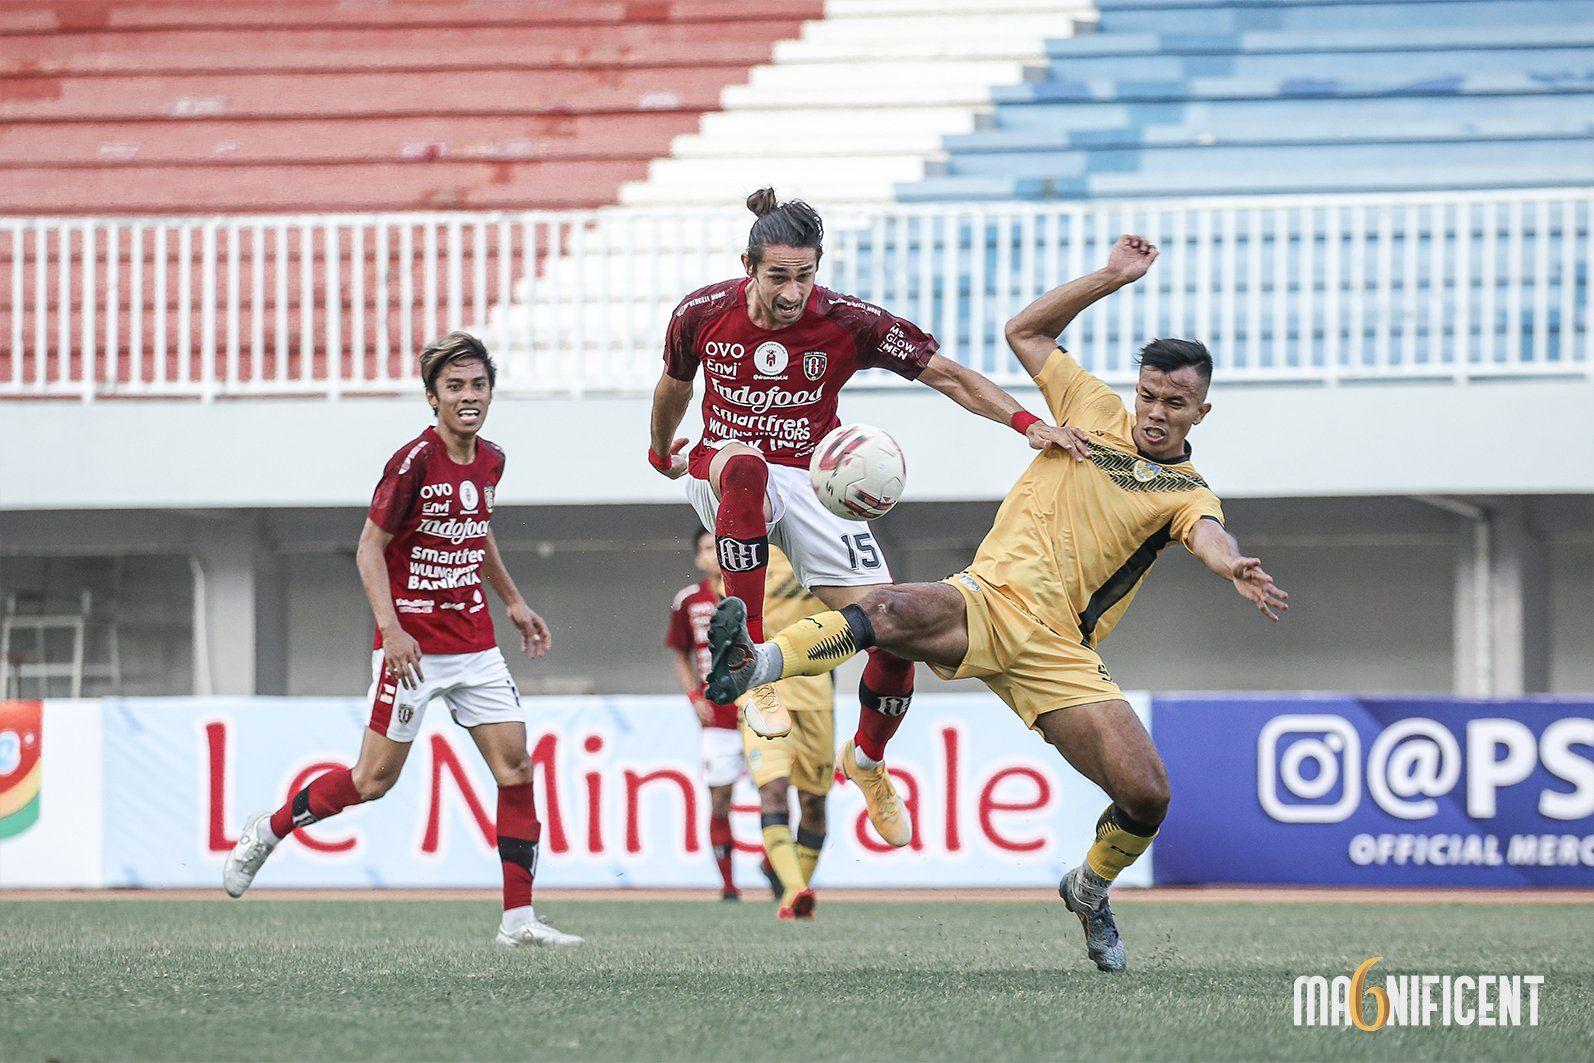 Gavin Kwan Adsit saat berebut bola dengan pemain lawan pada laga uji coba antara Bali United melawan PSIM Yogyakarta di Stadion Mandala Krida, Yogyakarta, Senin (14/6/2021).